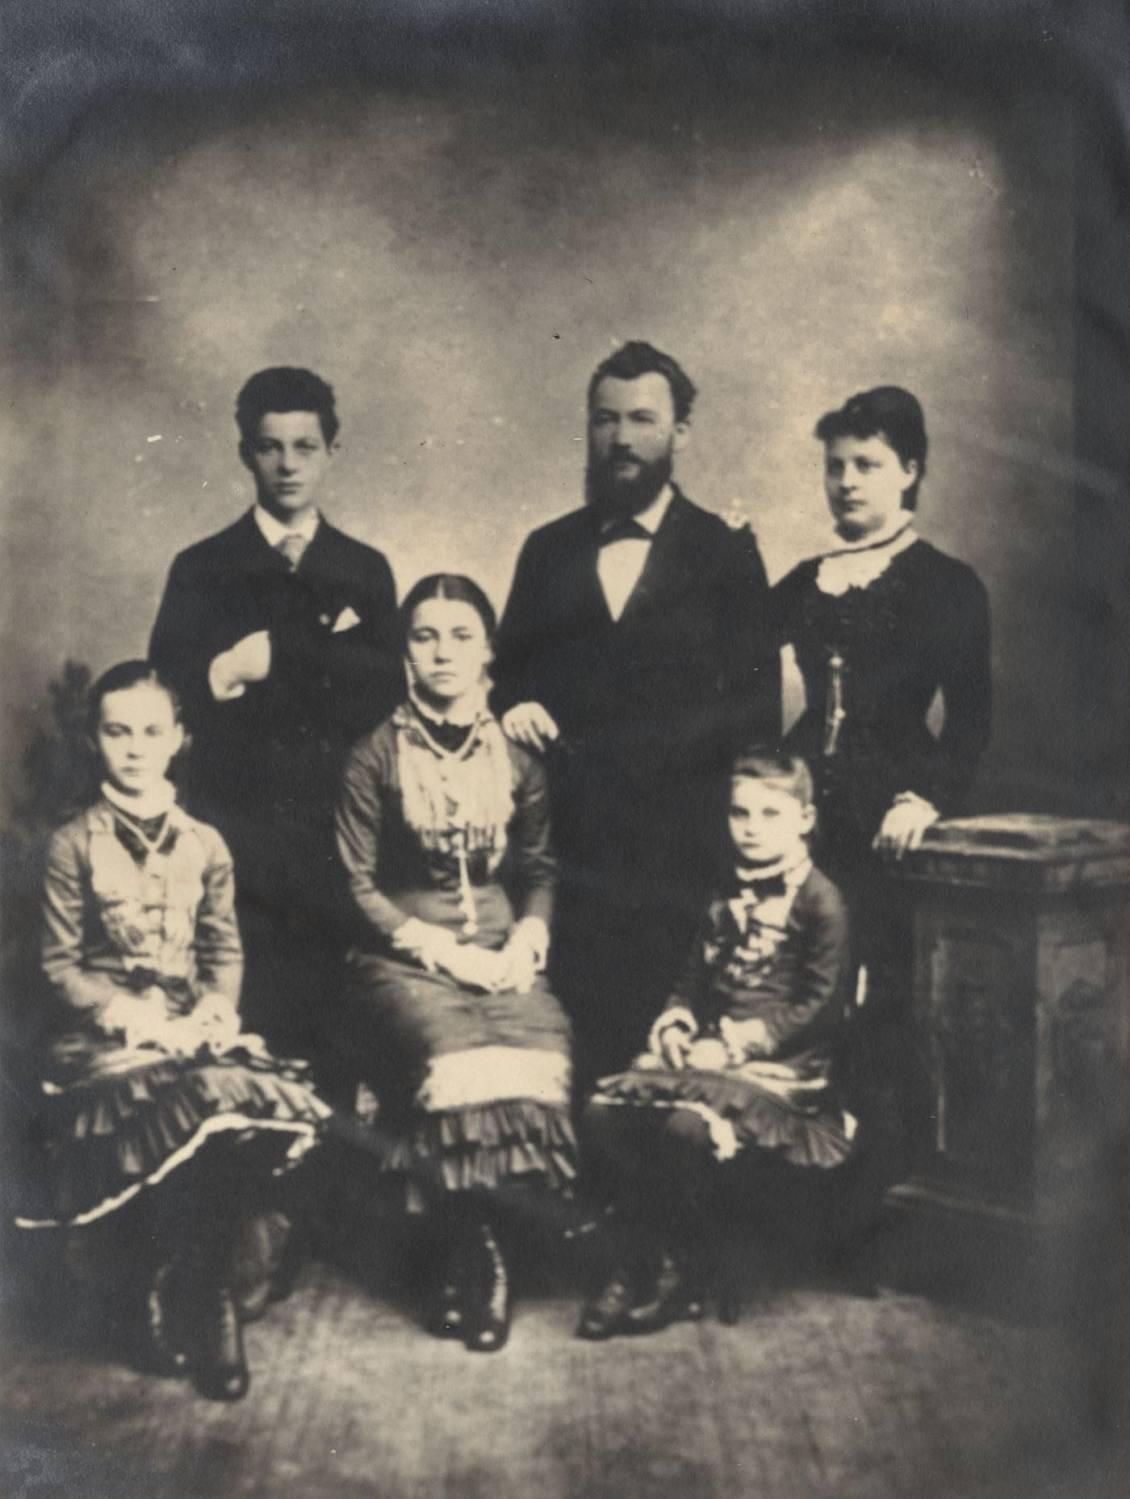 Familie Müller, c. 1880